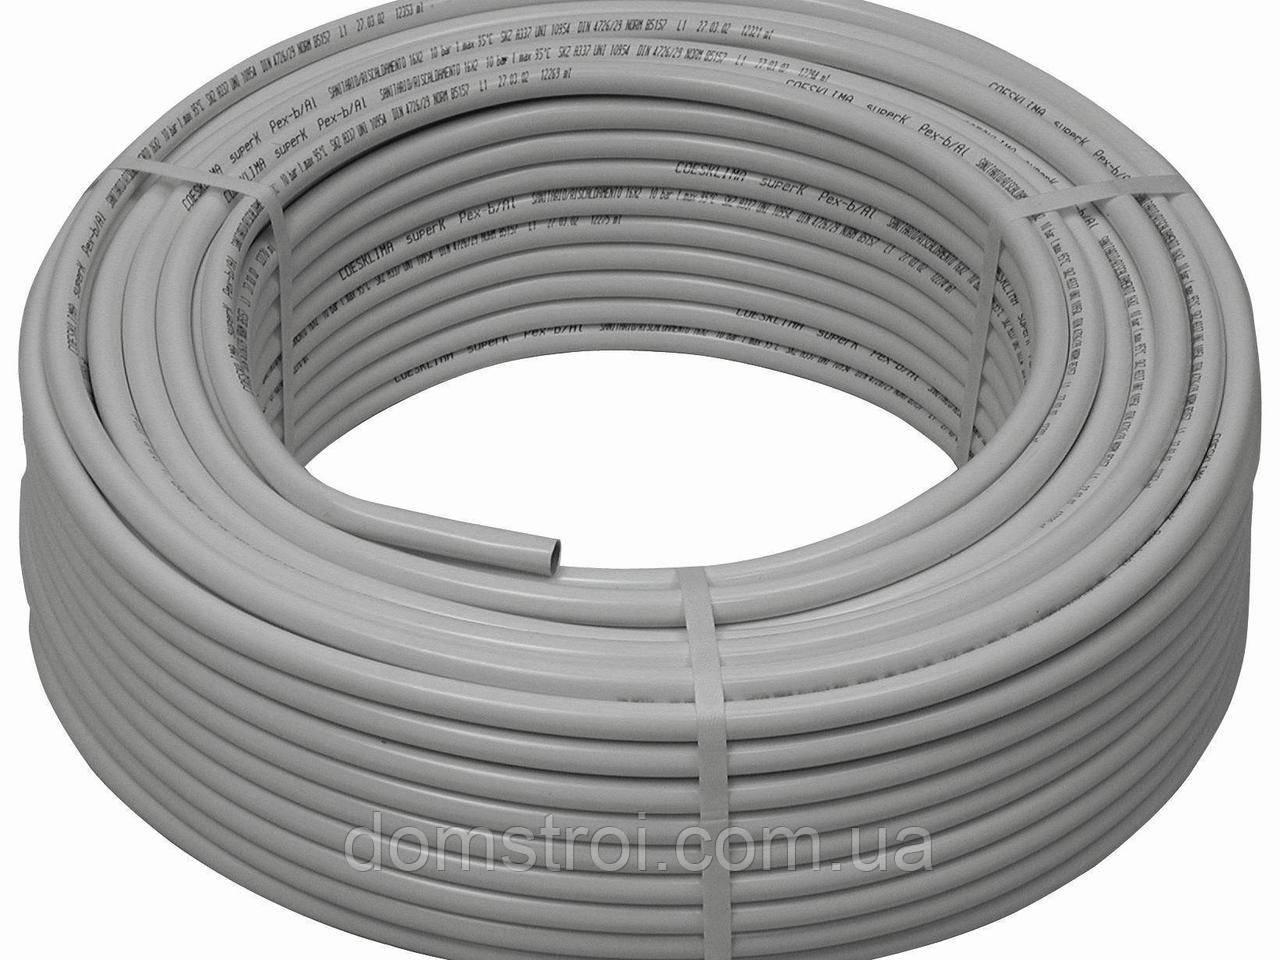 Труба металлопластиковая безшовная 16*2.0 для воды и отопления - ДомСтрой в Харькове